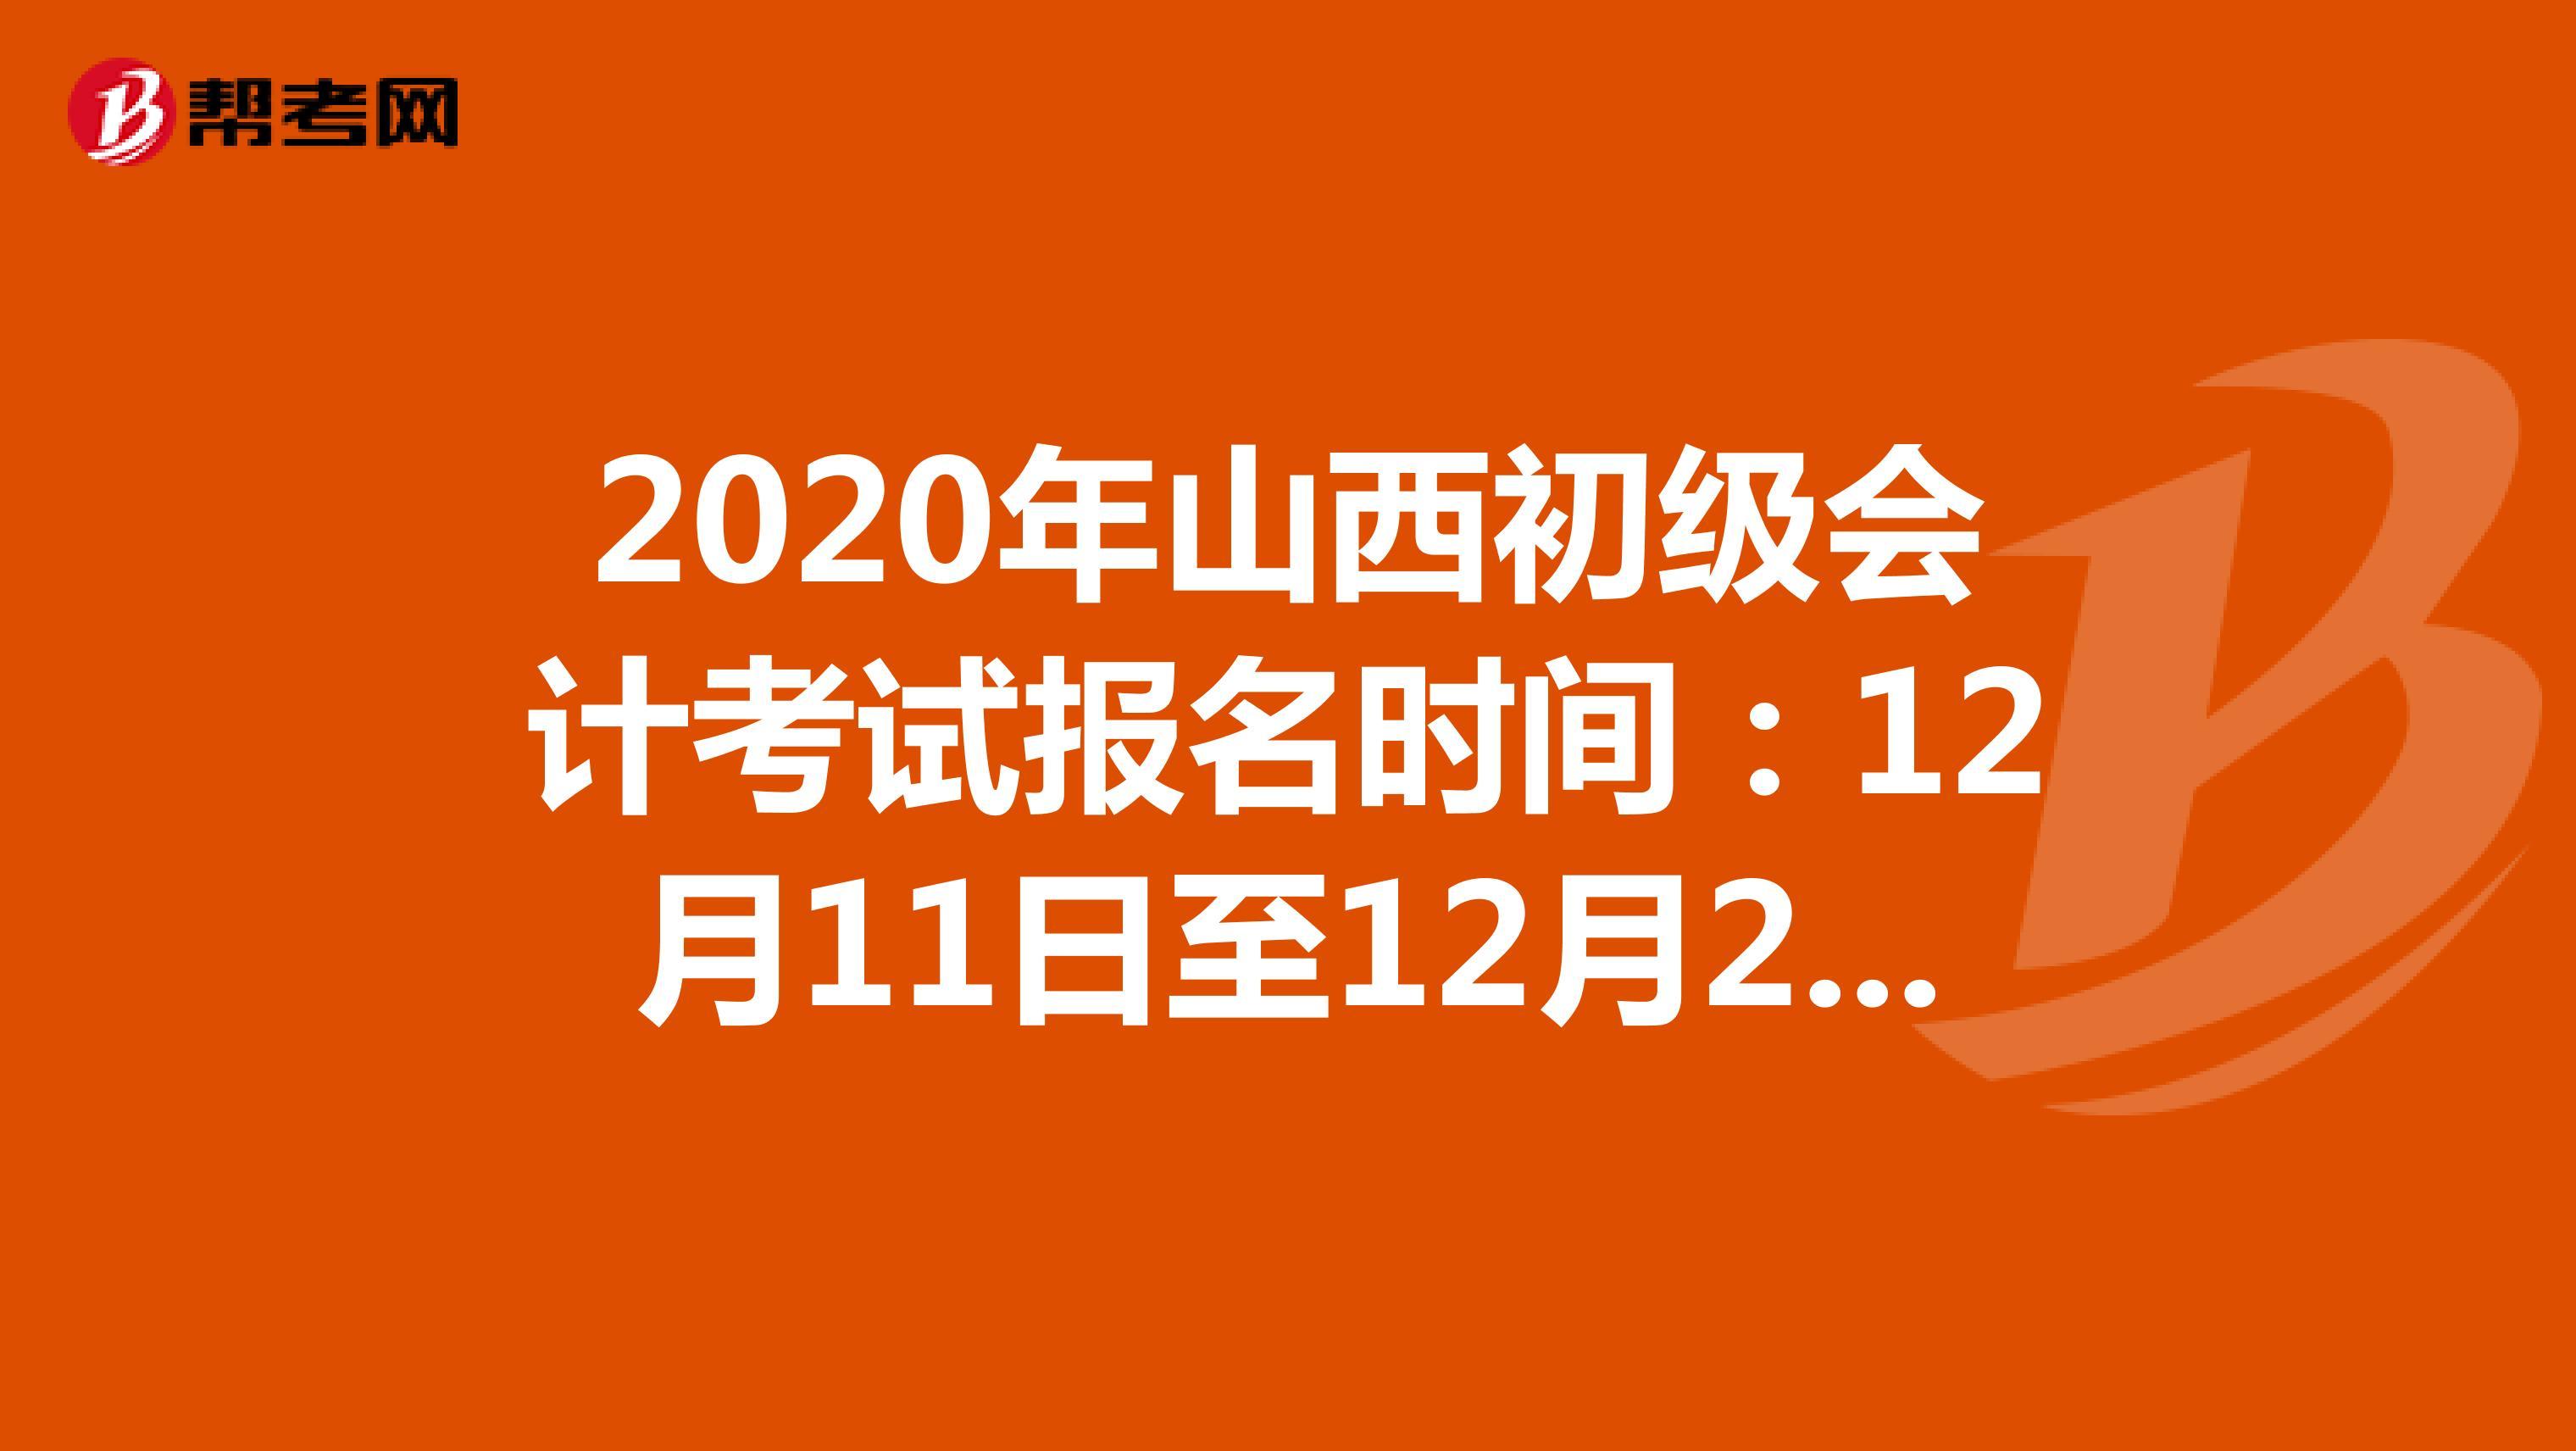 2021年山西初级会计考试报名时间:12月11日至12月25日